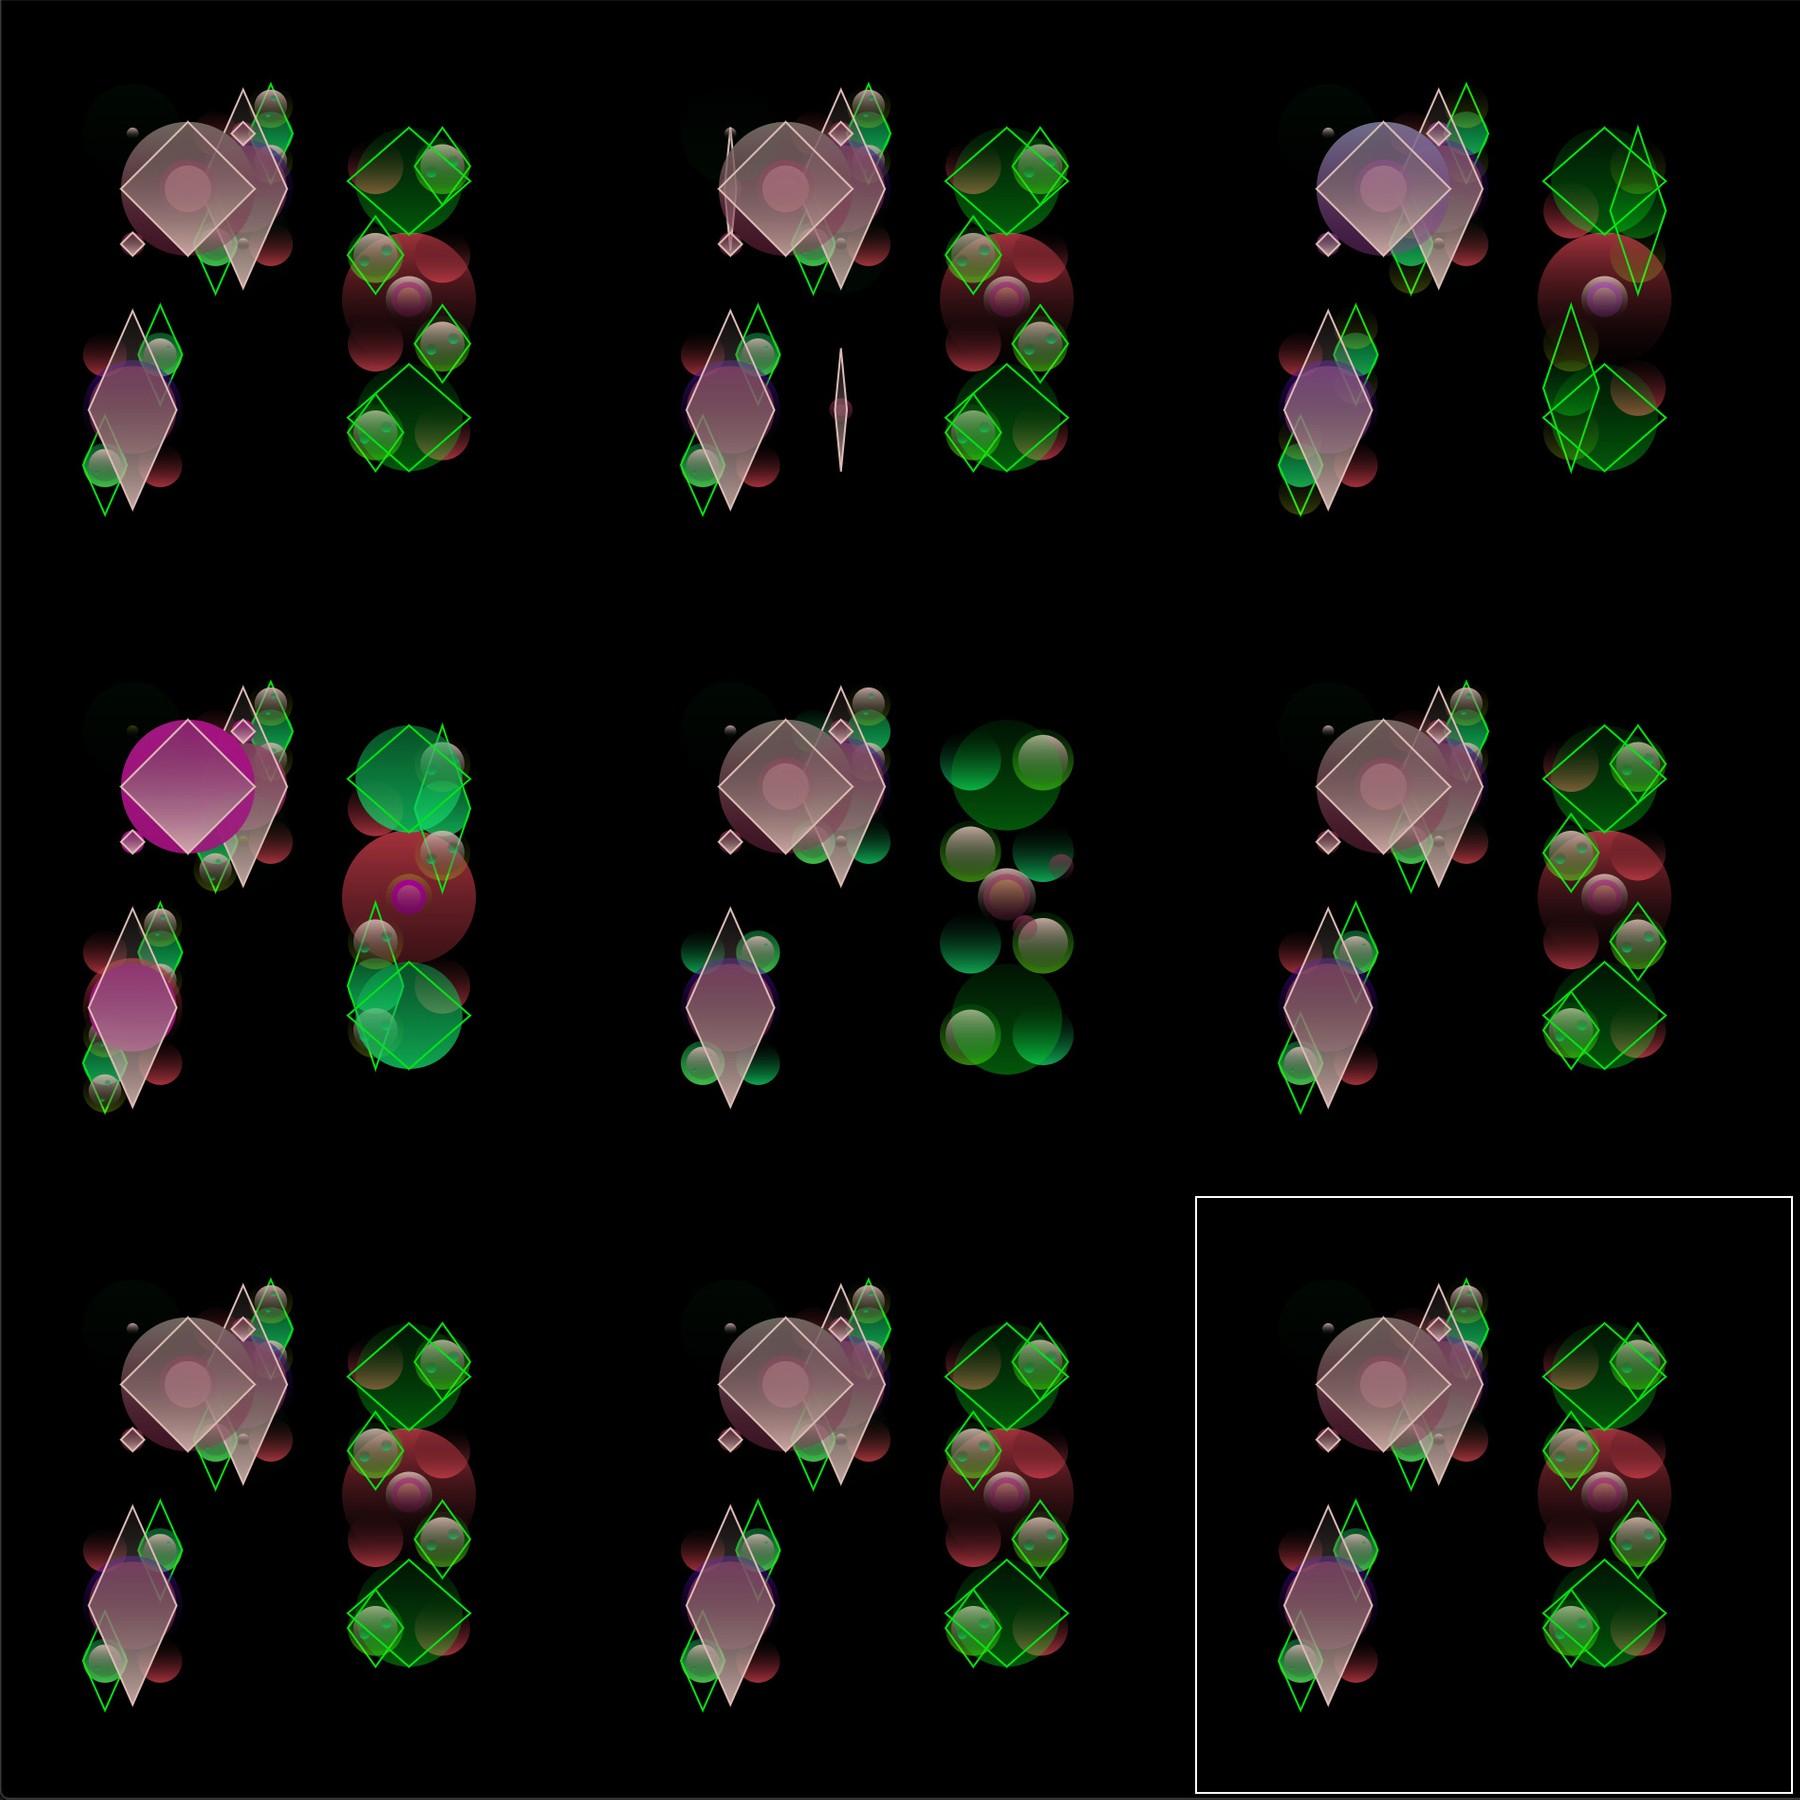 structures-of-redundancy-screenshot-06.jpg